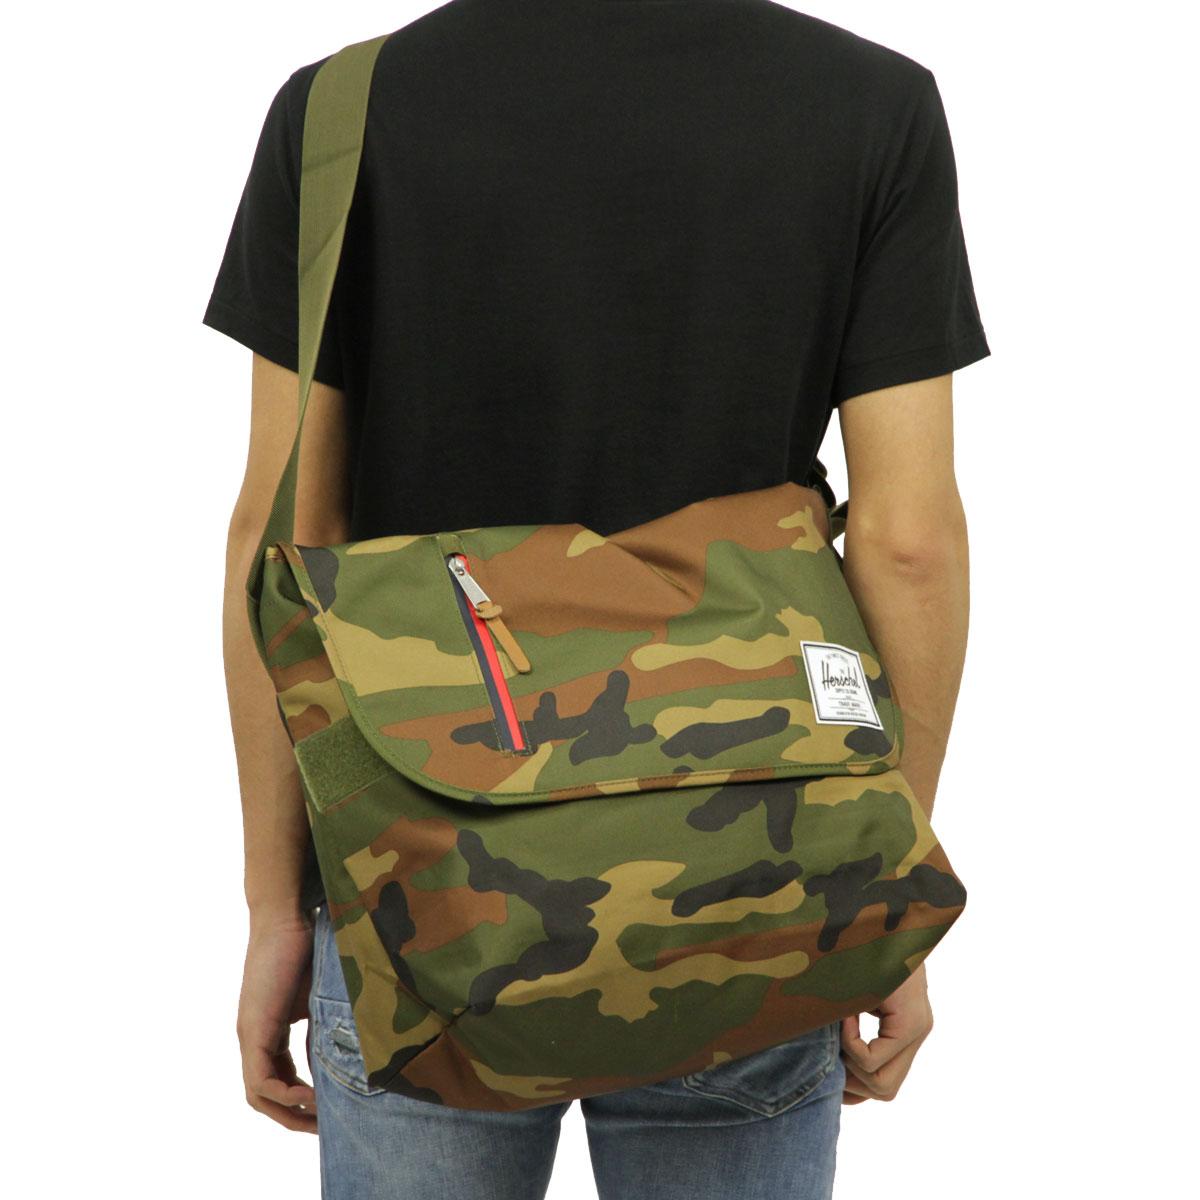 Hershel supply Herschel Supply regular store bag shoulder bag ODELL  MESSENGER BAG CLASSICS  6d003f2ff451e